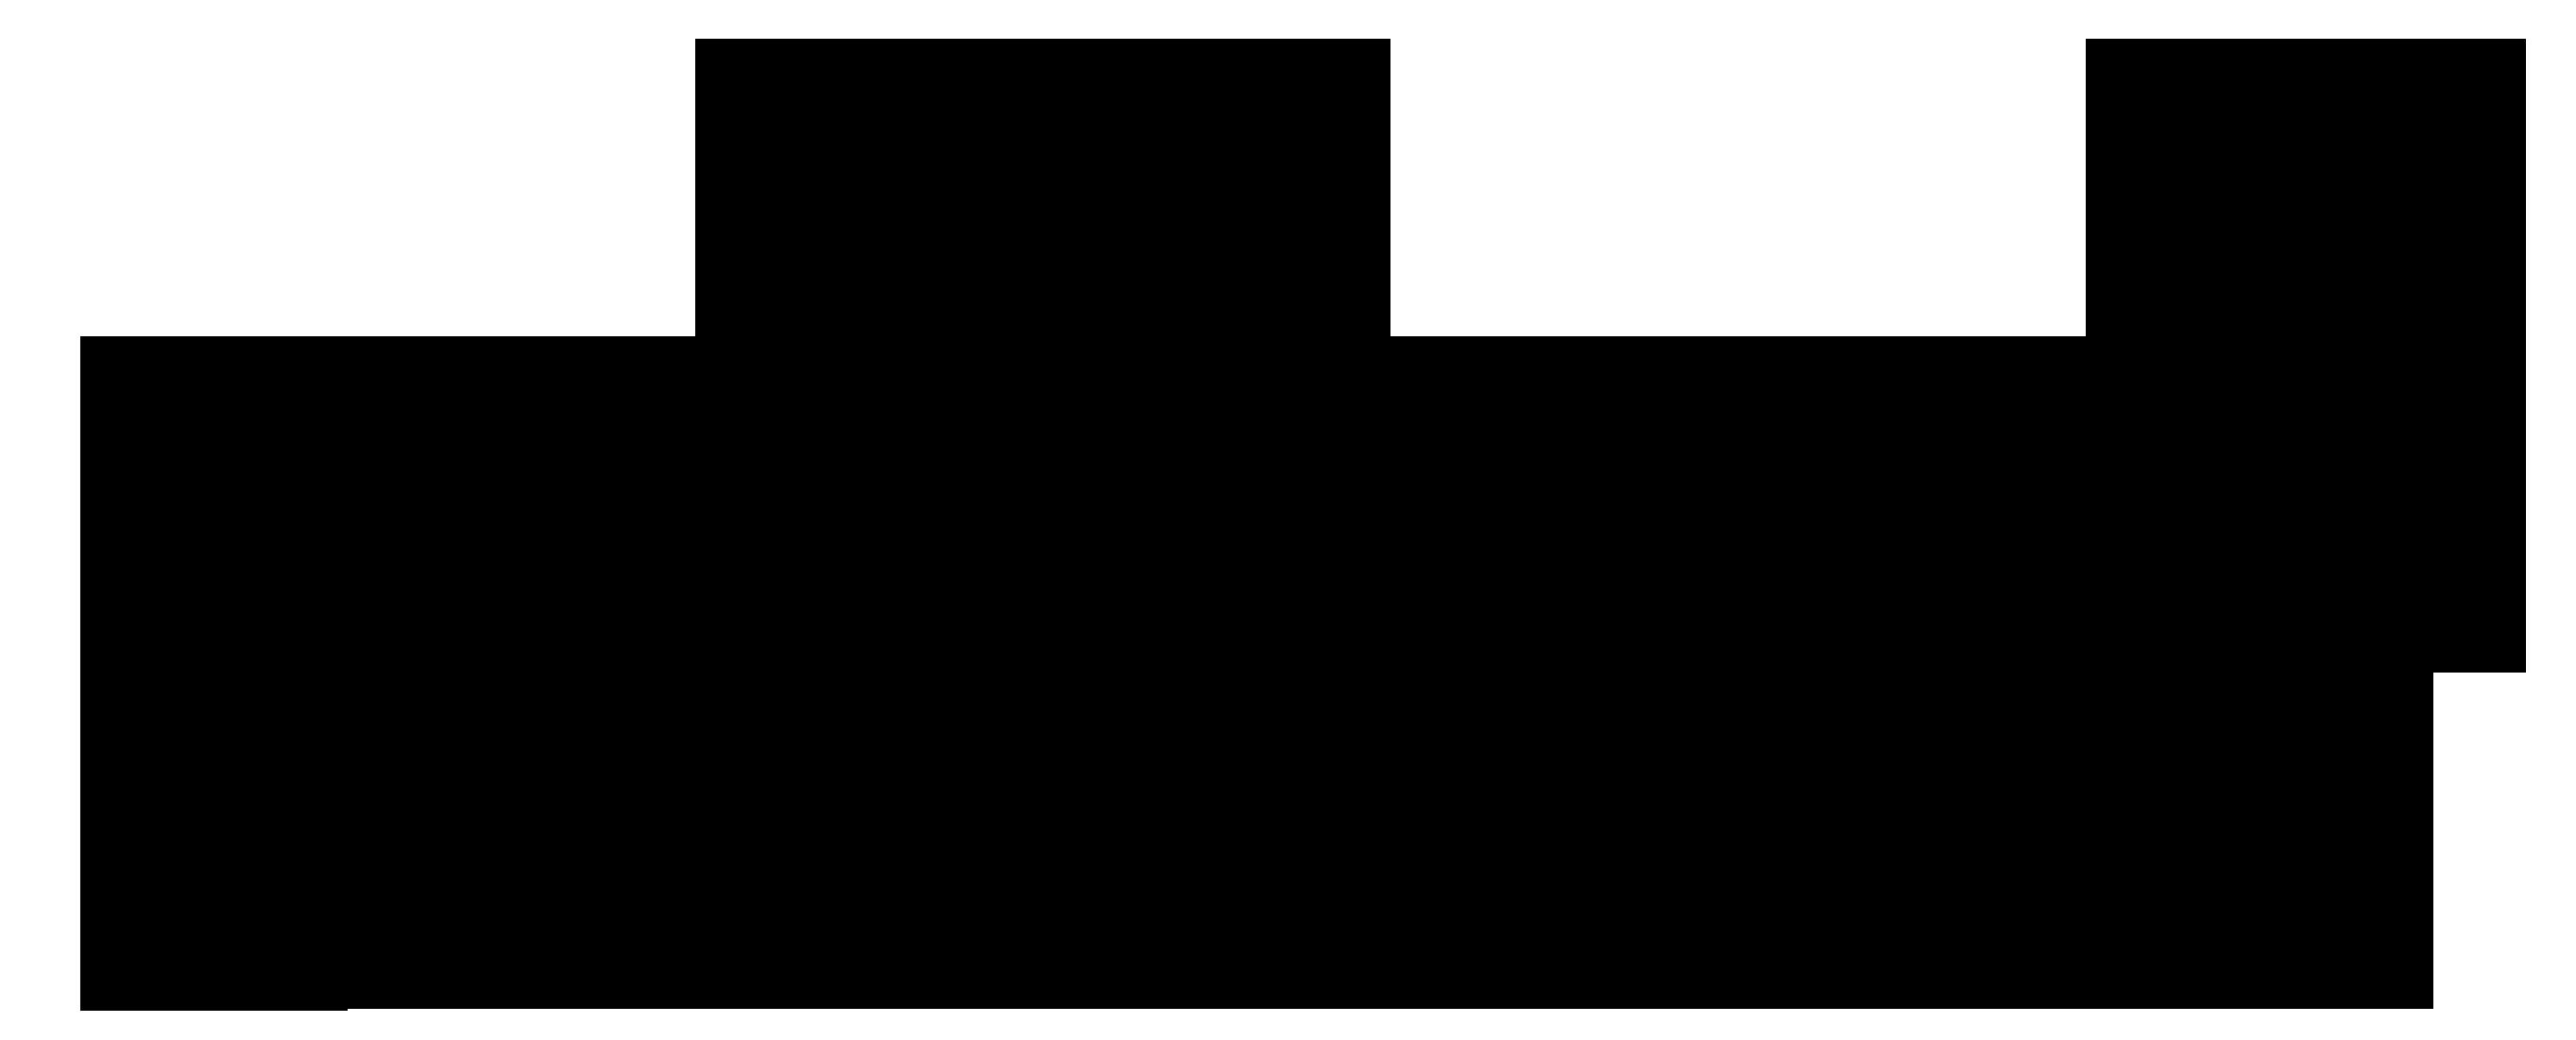 Limaris Valdivieso's Signature